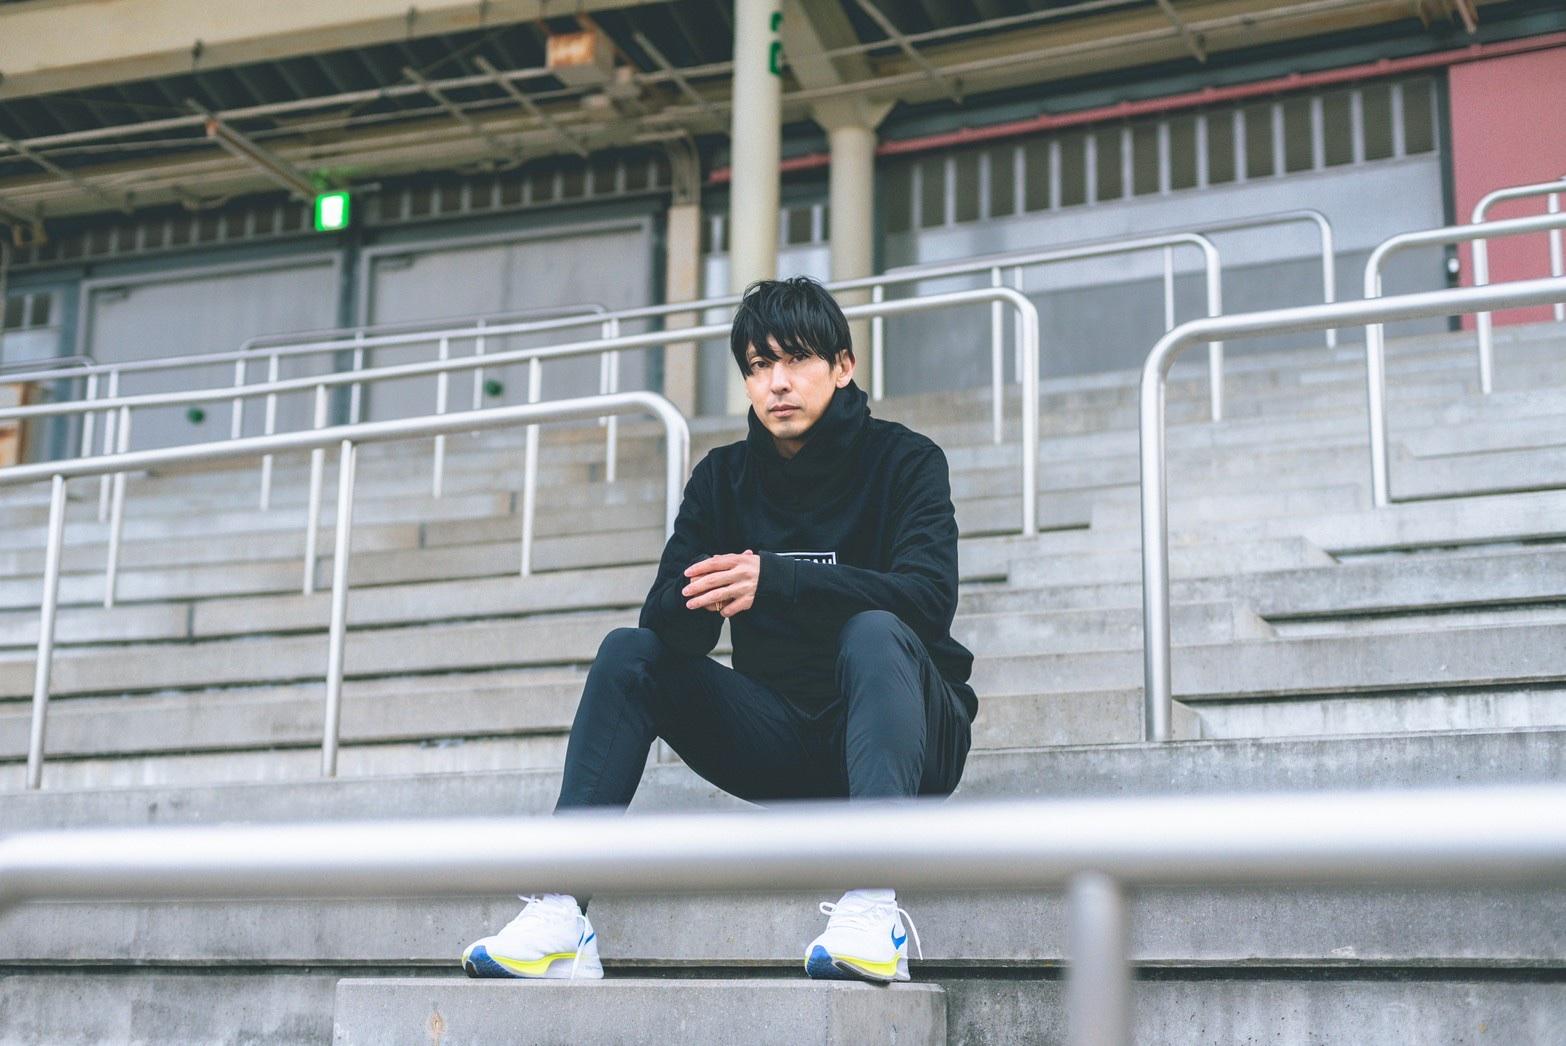 スペシャルコンテンツ 秋本真吾 SHINGO AKIMOTO Vol.1「日本初のスプリントコーチ」